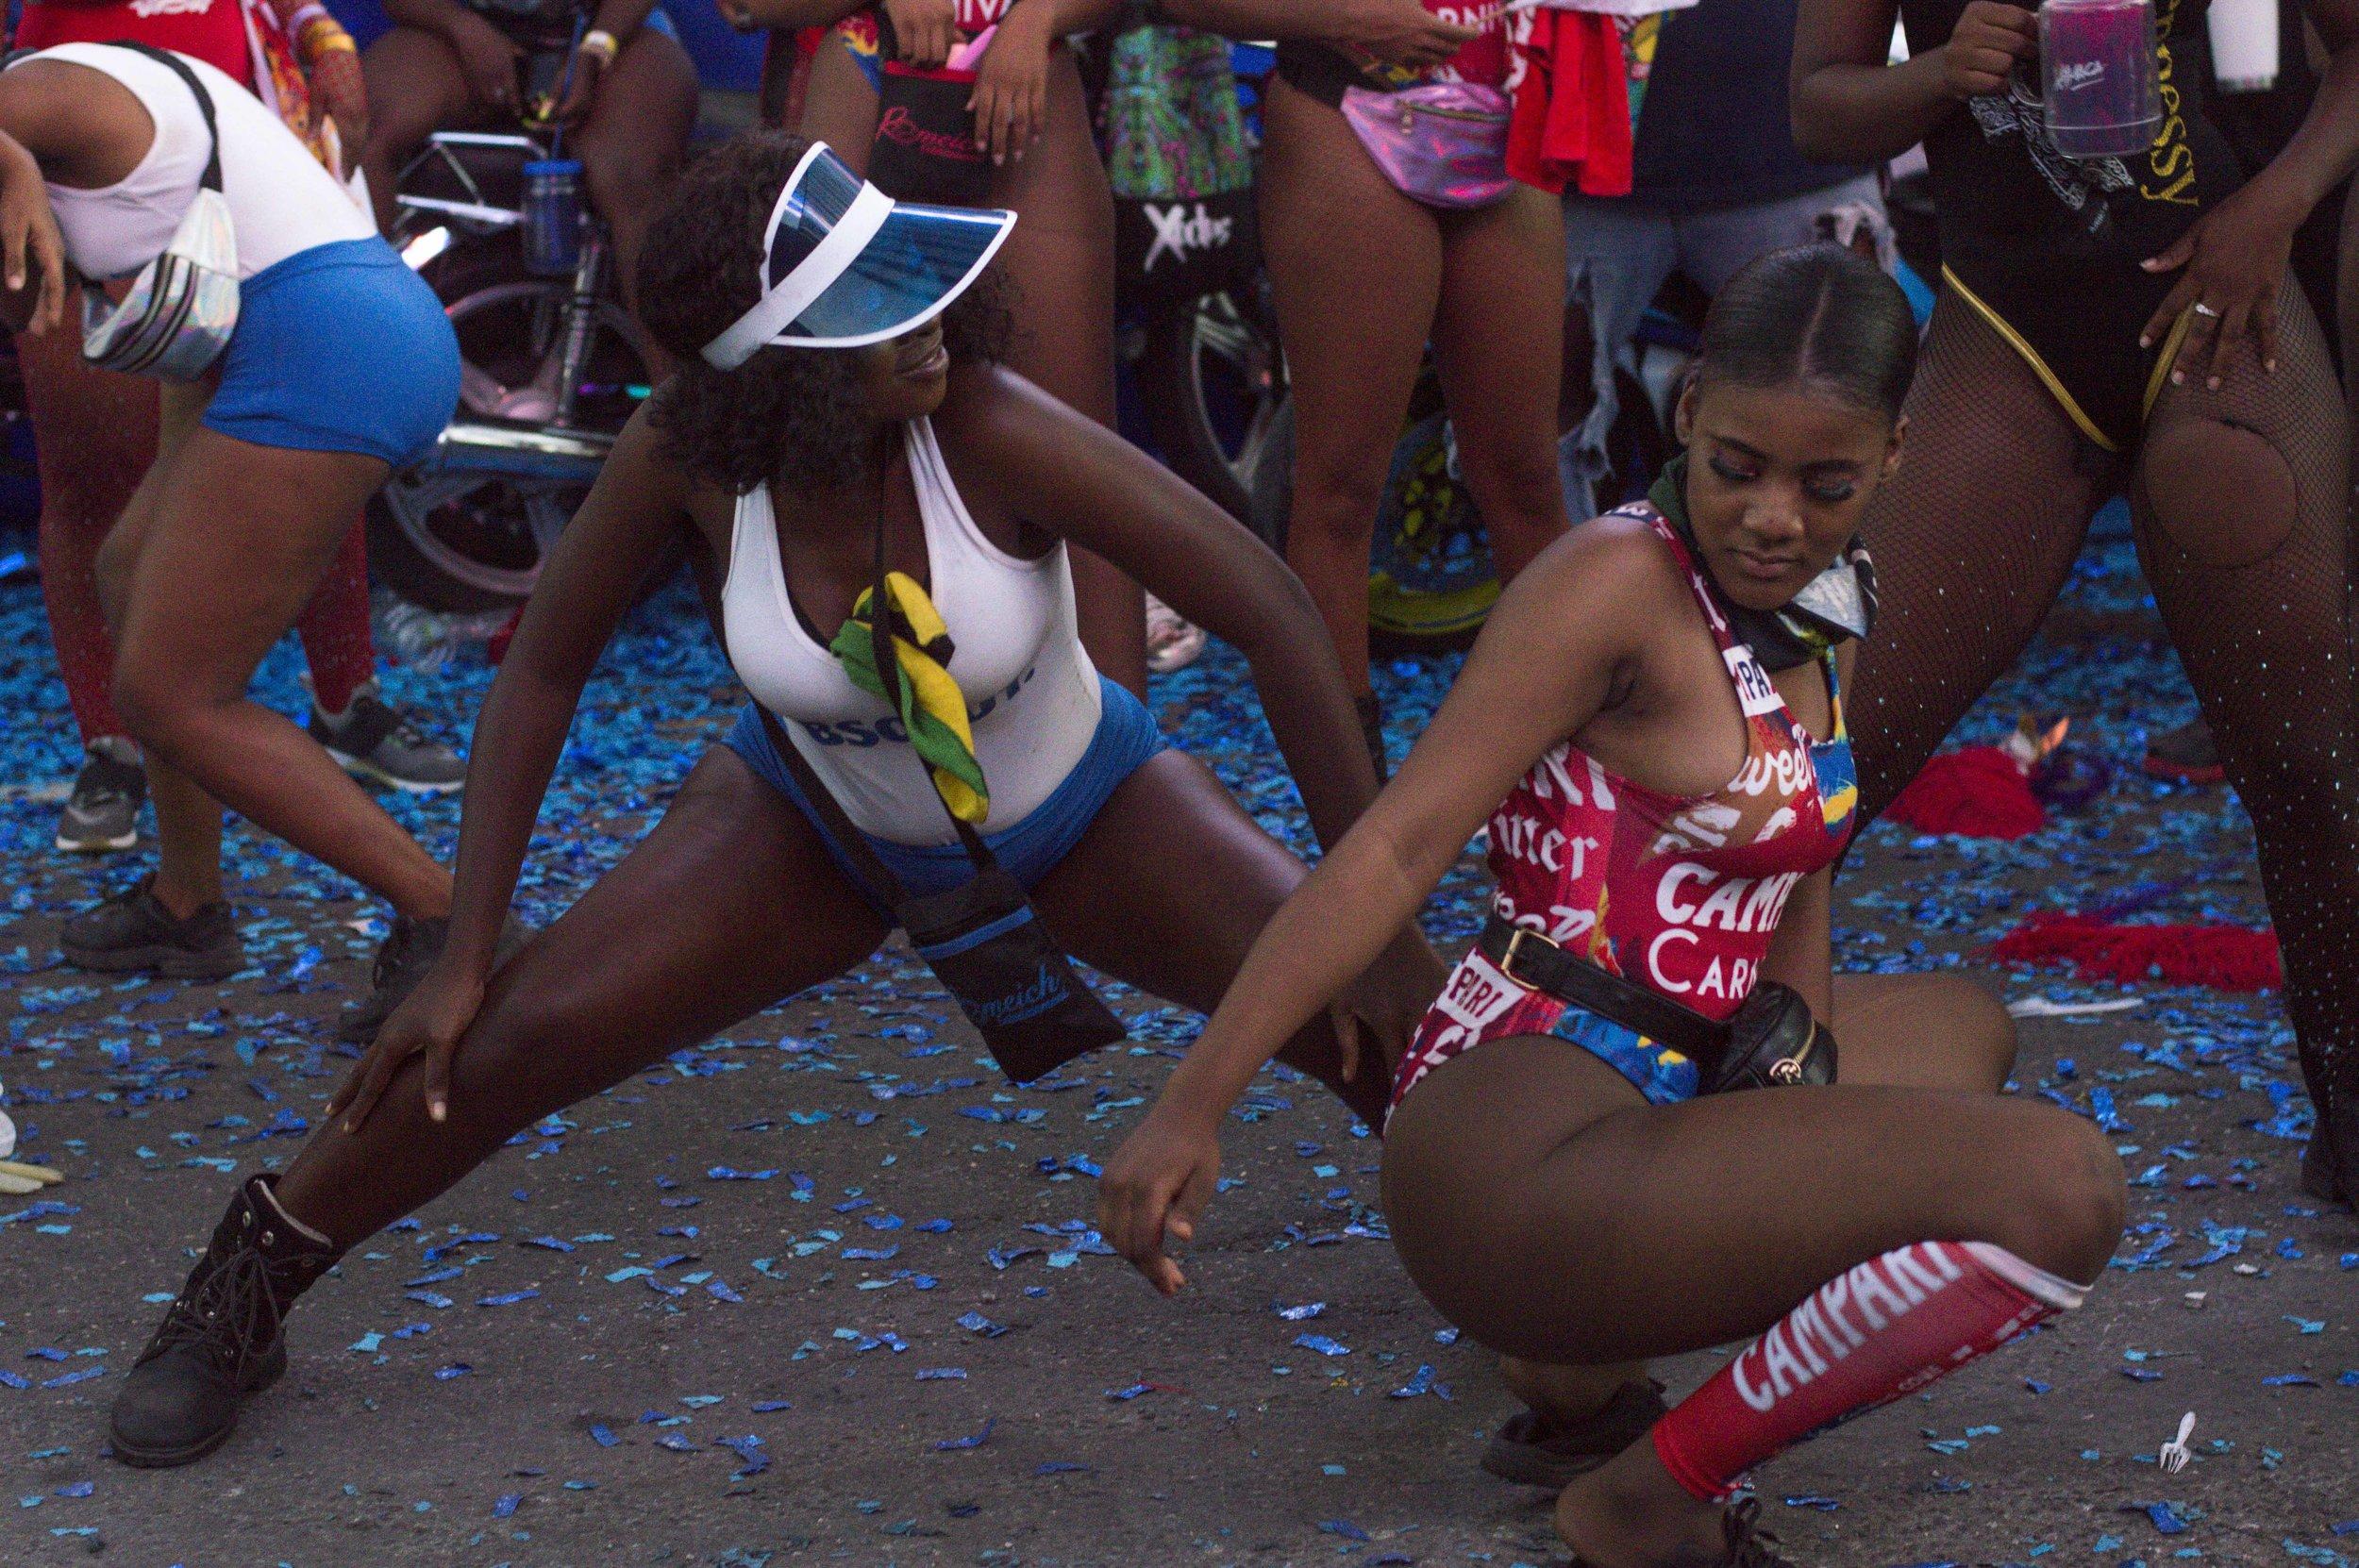 carnival2019_jeanalindo-101.jpg